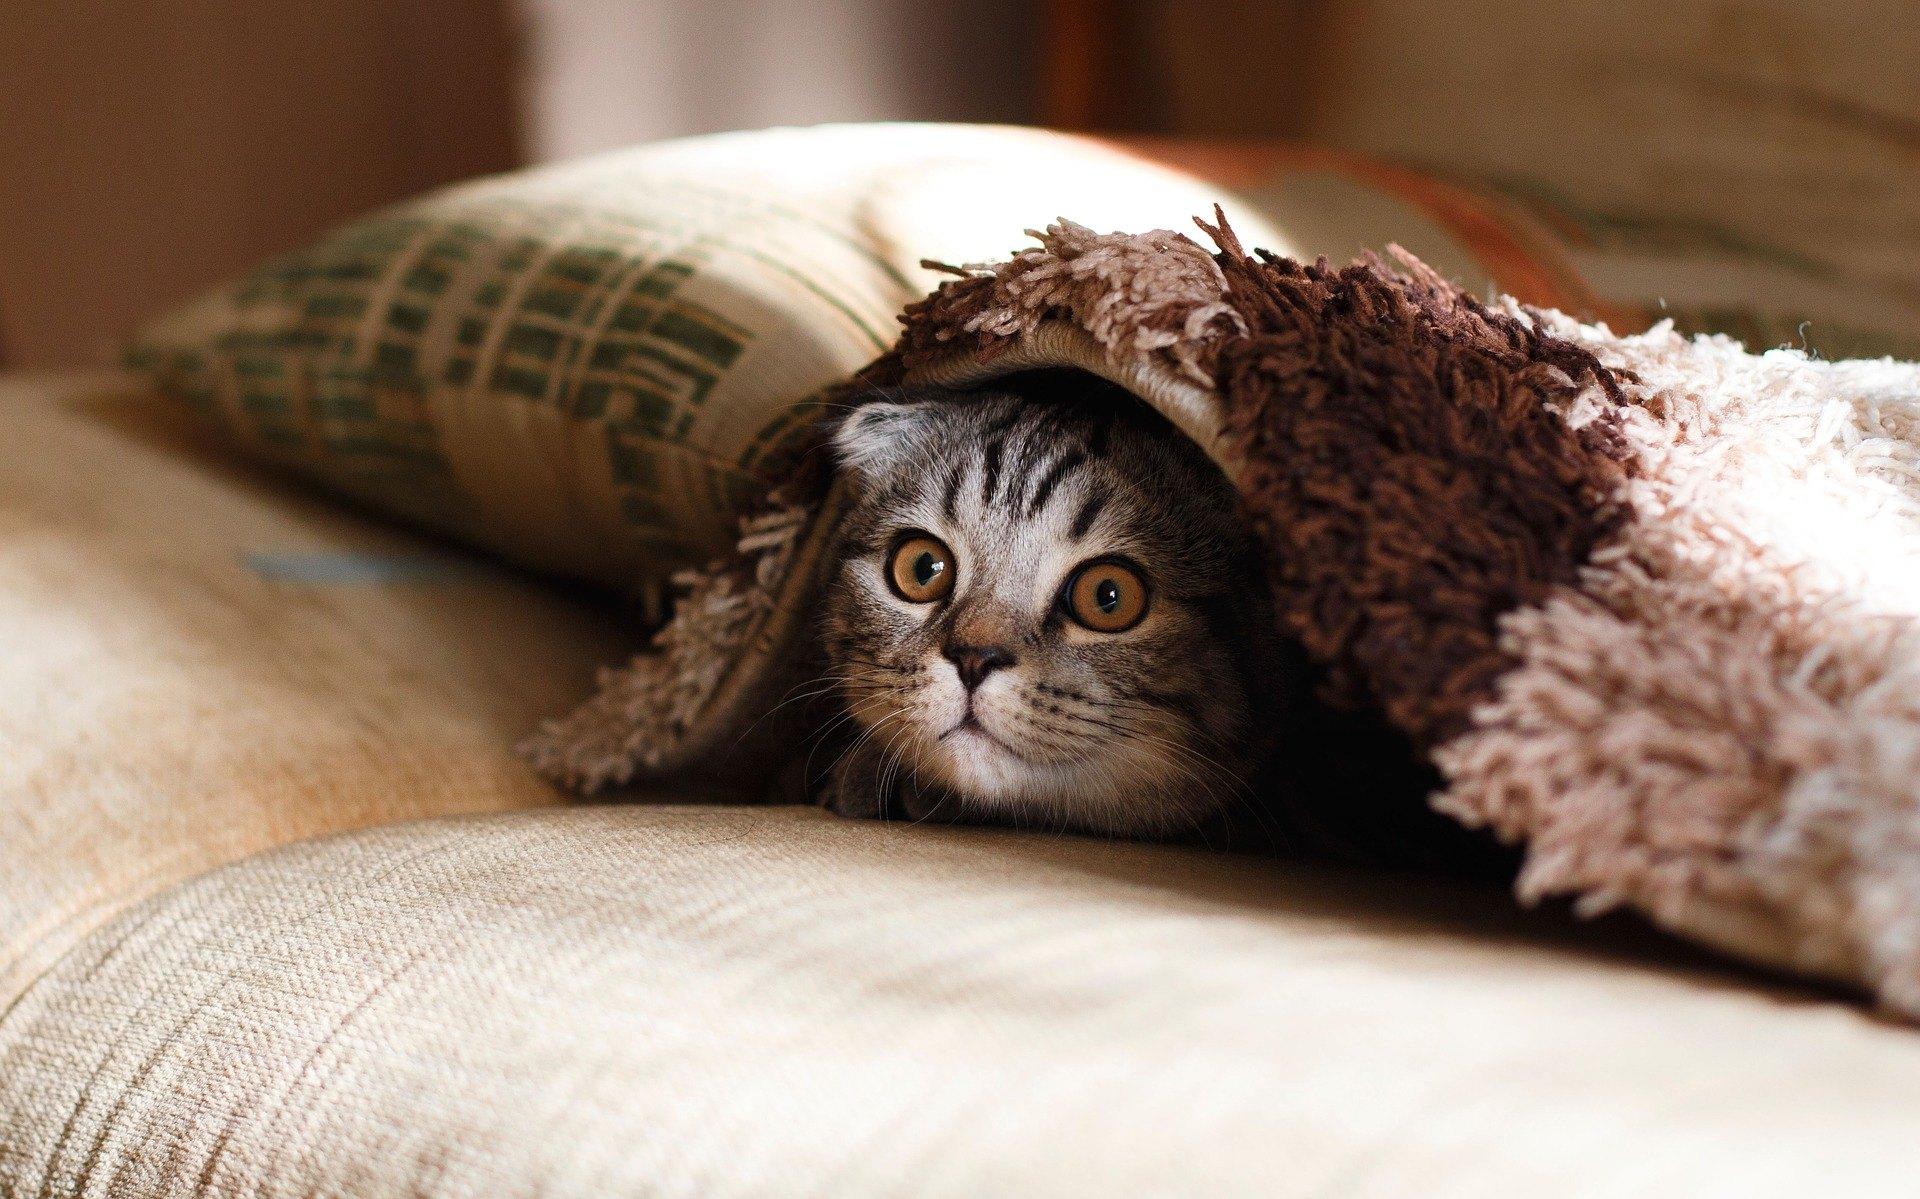 Zvracanie je jedným z najbežnejších ochorení mačiek. Zistite, aké sú ich príčiny a ako im predchádzať.